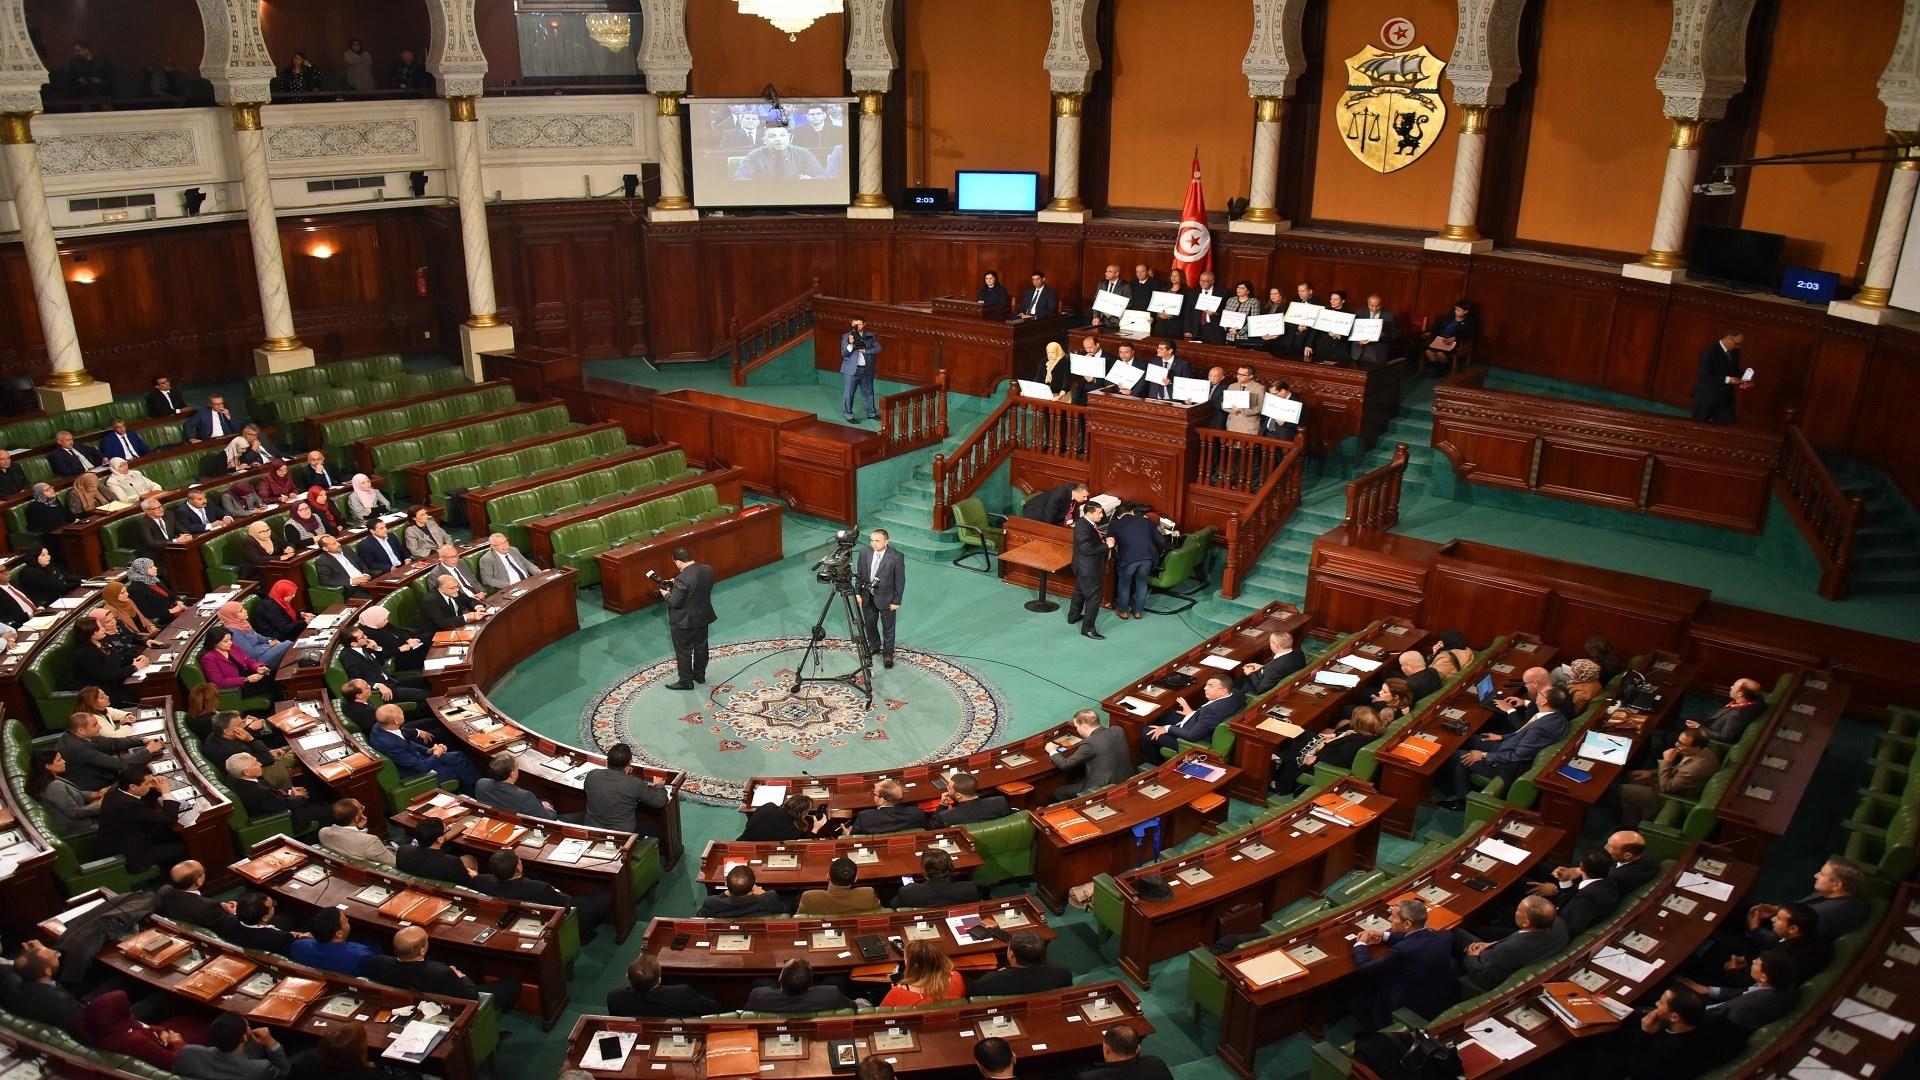 البرلمان التونسي يقرّ ميزانية العام 2021 بعجز قيمته أكثر من 7 في المئة من إجمالي الناتج المحلي